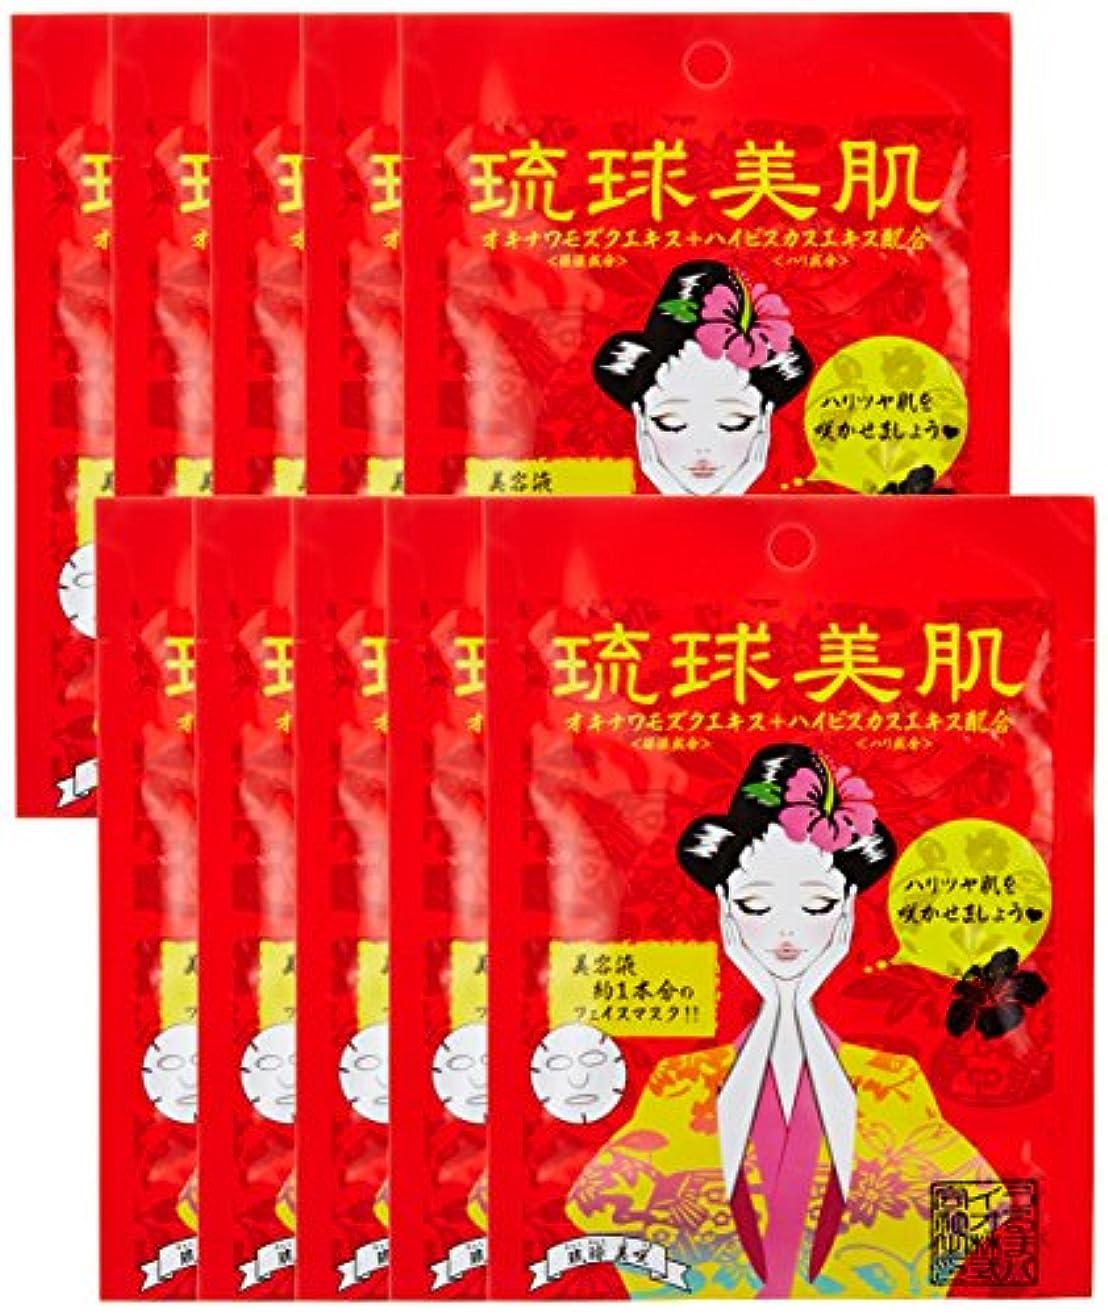 副詞フック揮発性琉球美肌 フェイスマスクシート ハイビスカスの香り 10枚セット